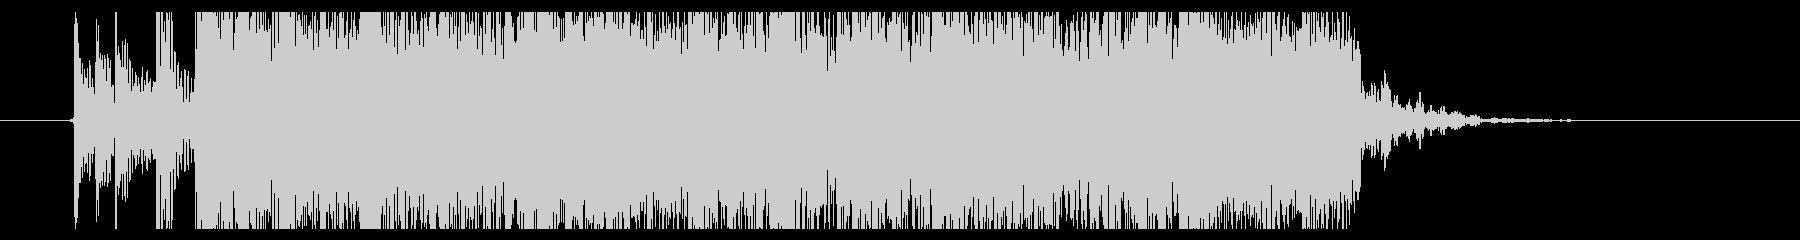 メロデス ジングル bpm220 疾走の未再生の波形